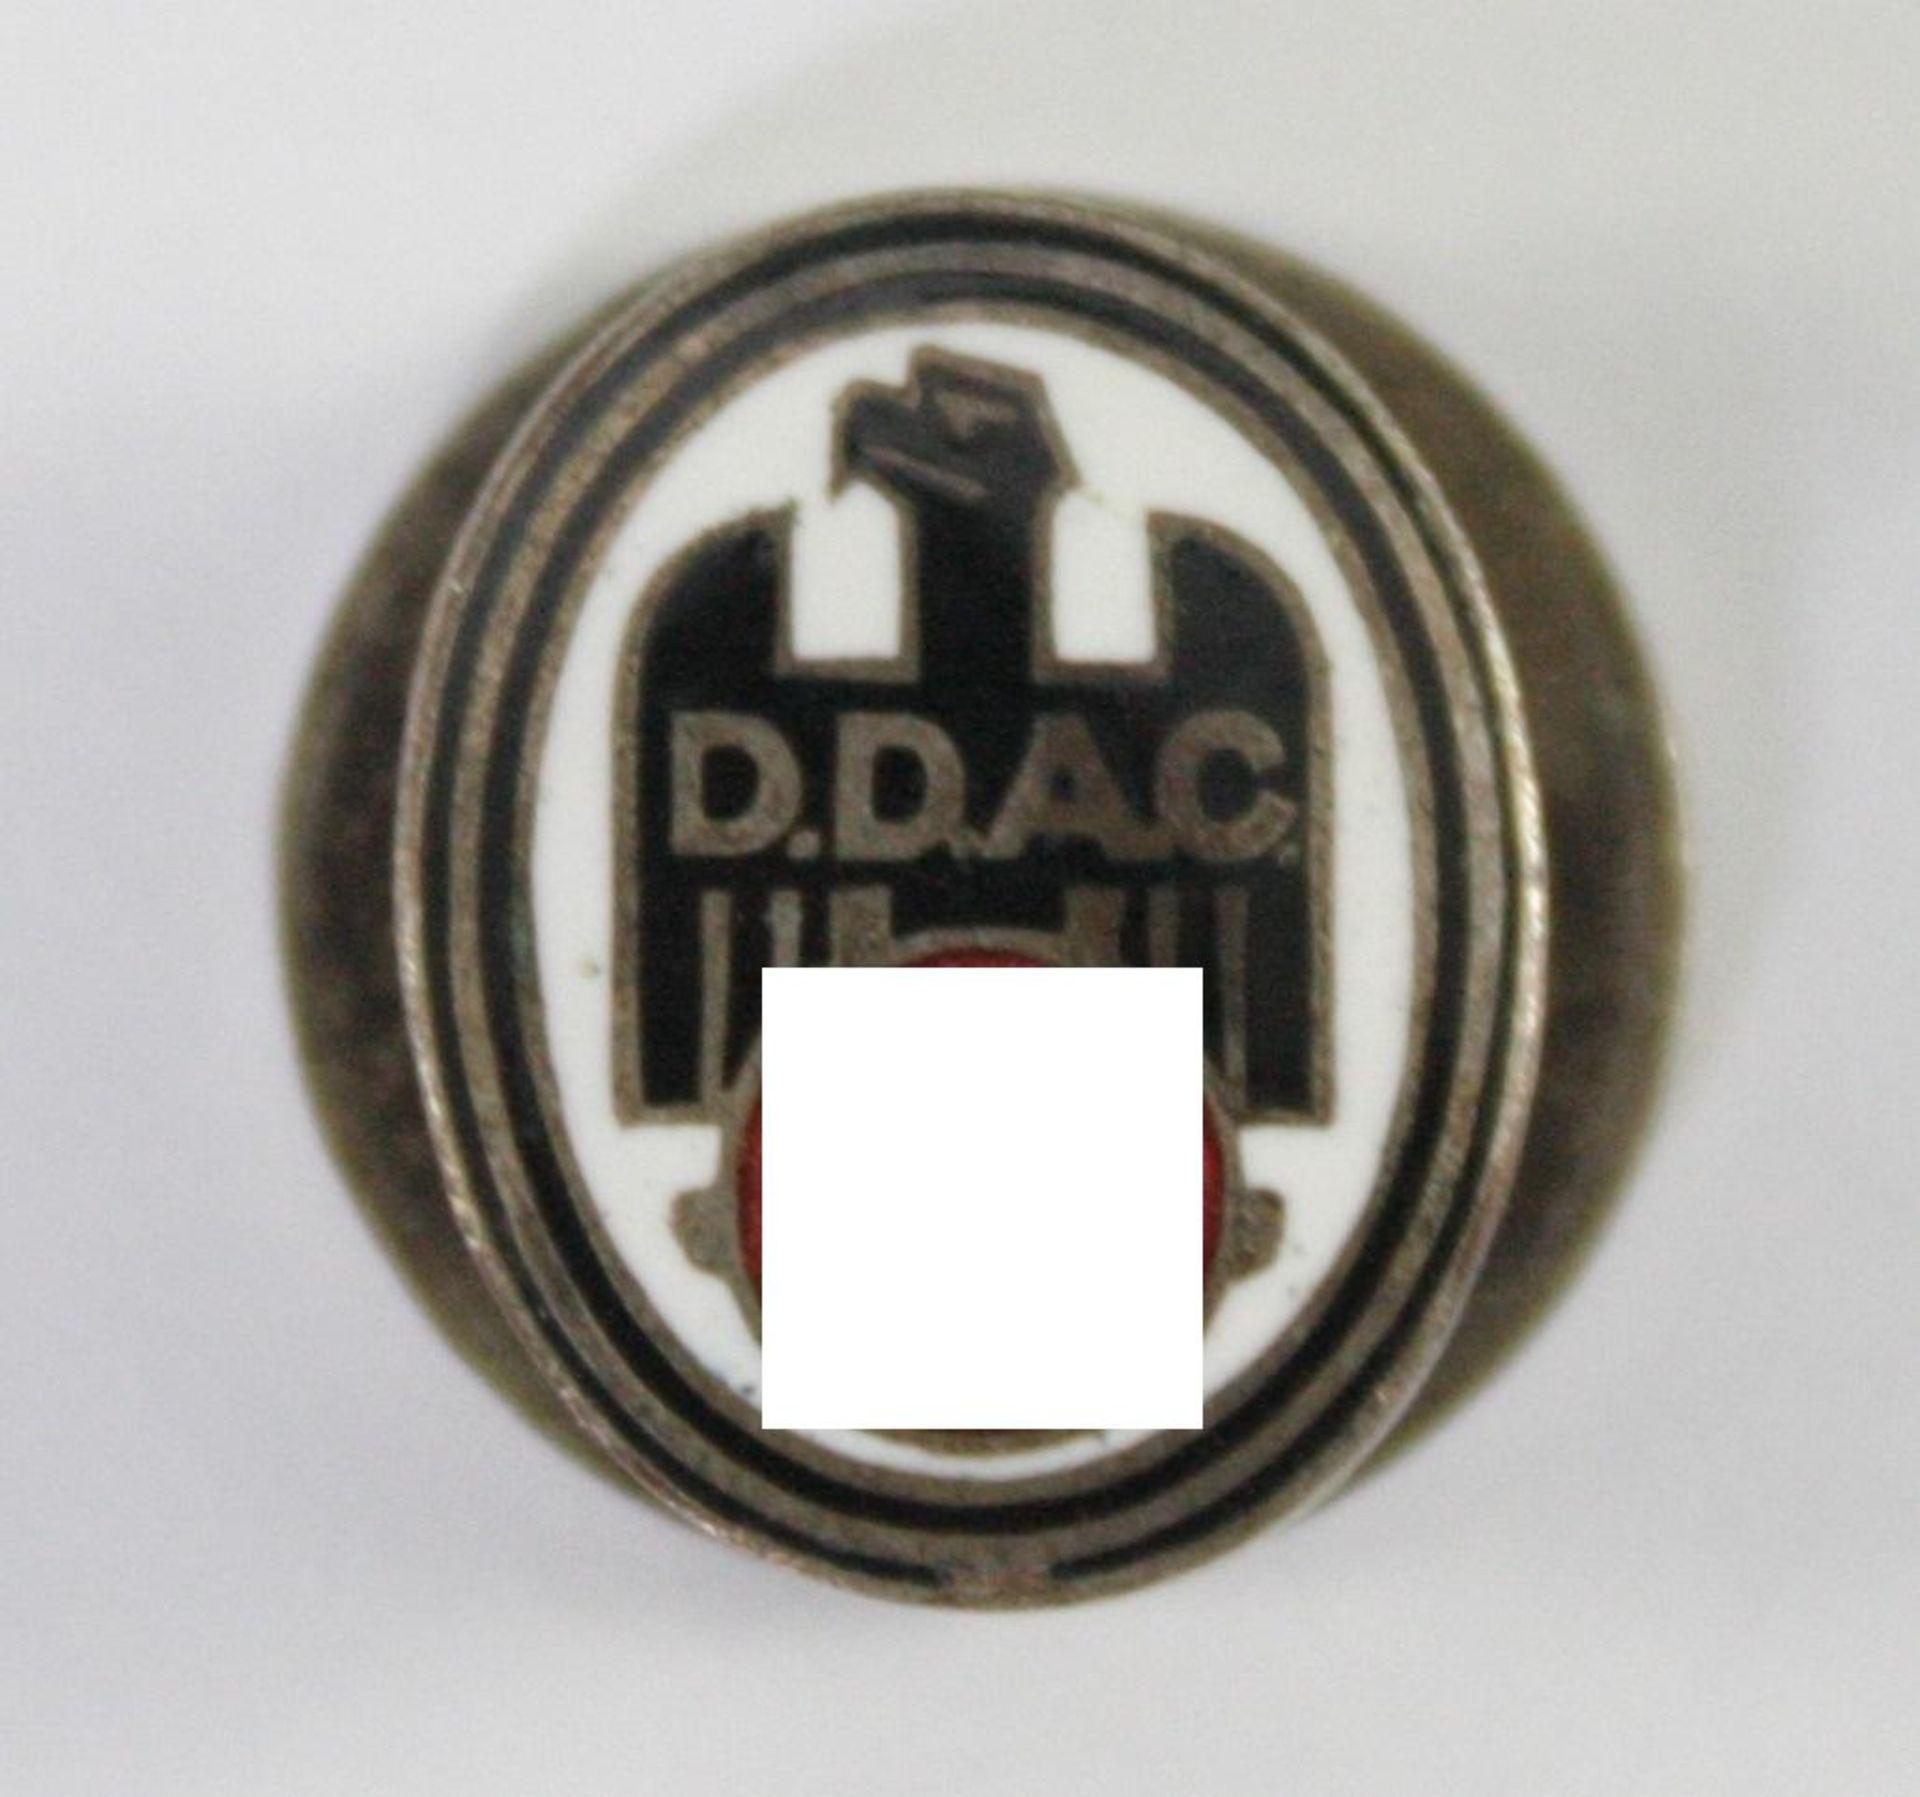 Mitgliedsabzeichen DDAC; Der Deutsche Automobil-Club - Knopflochausführung